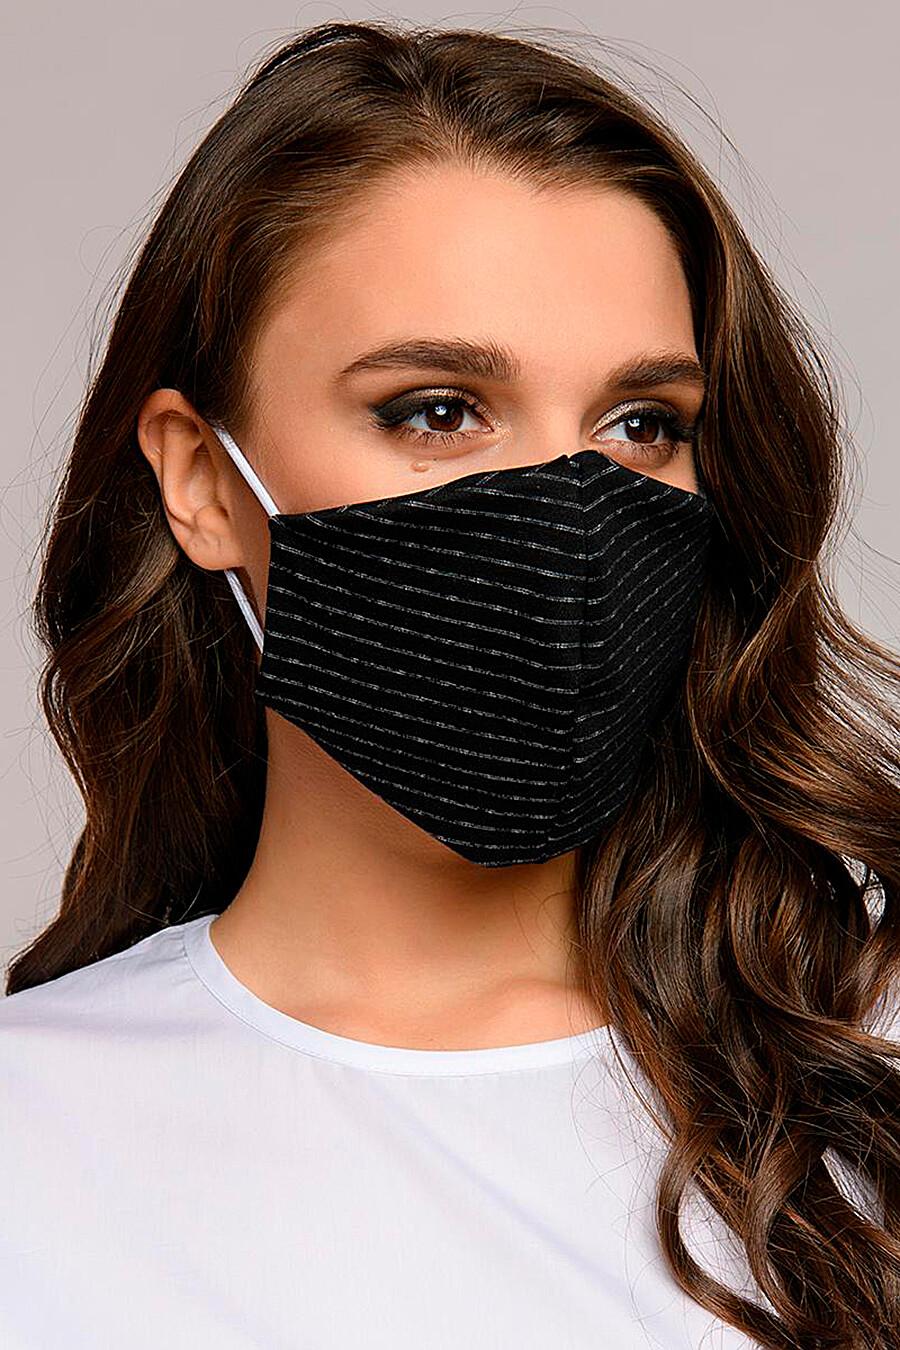 Маска (не медицинская) для женщин 1001 DRESS 219950 купить оптом от производителя. Совместная покупка женской одежды в OptMoyo